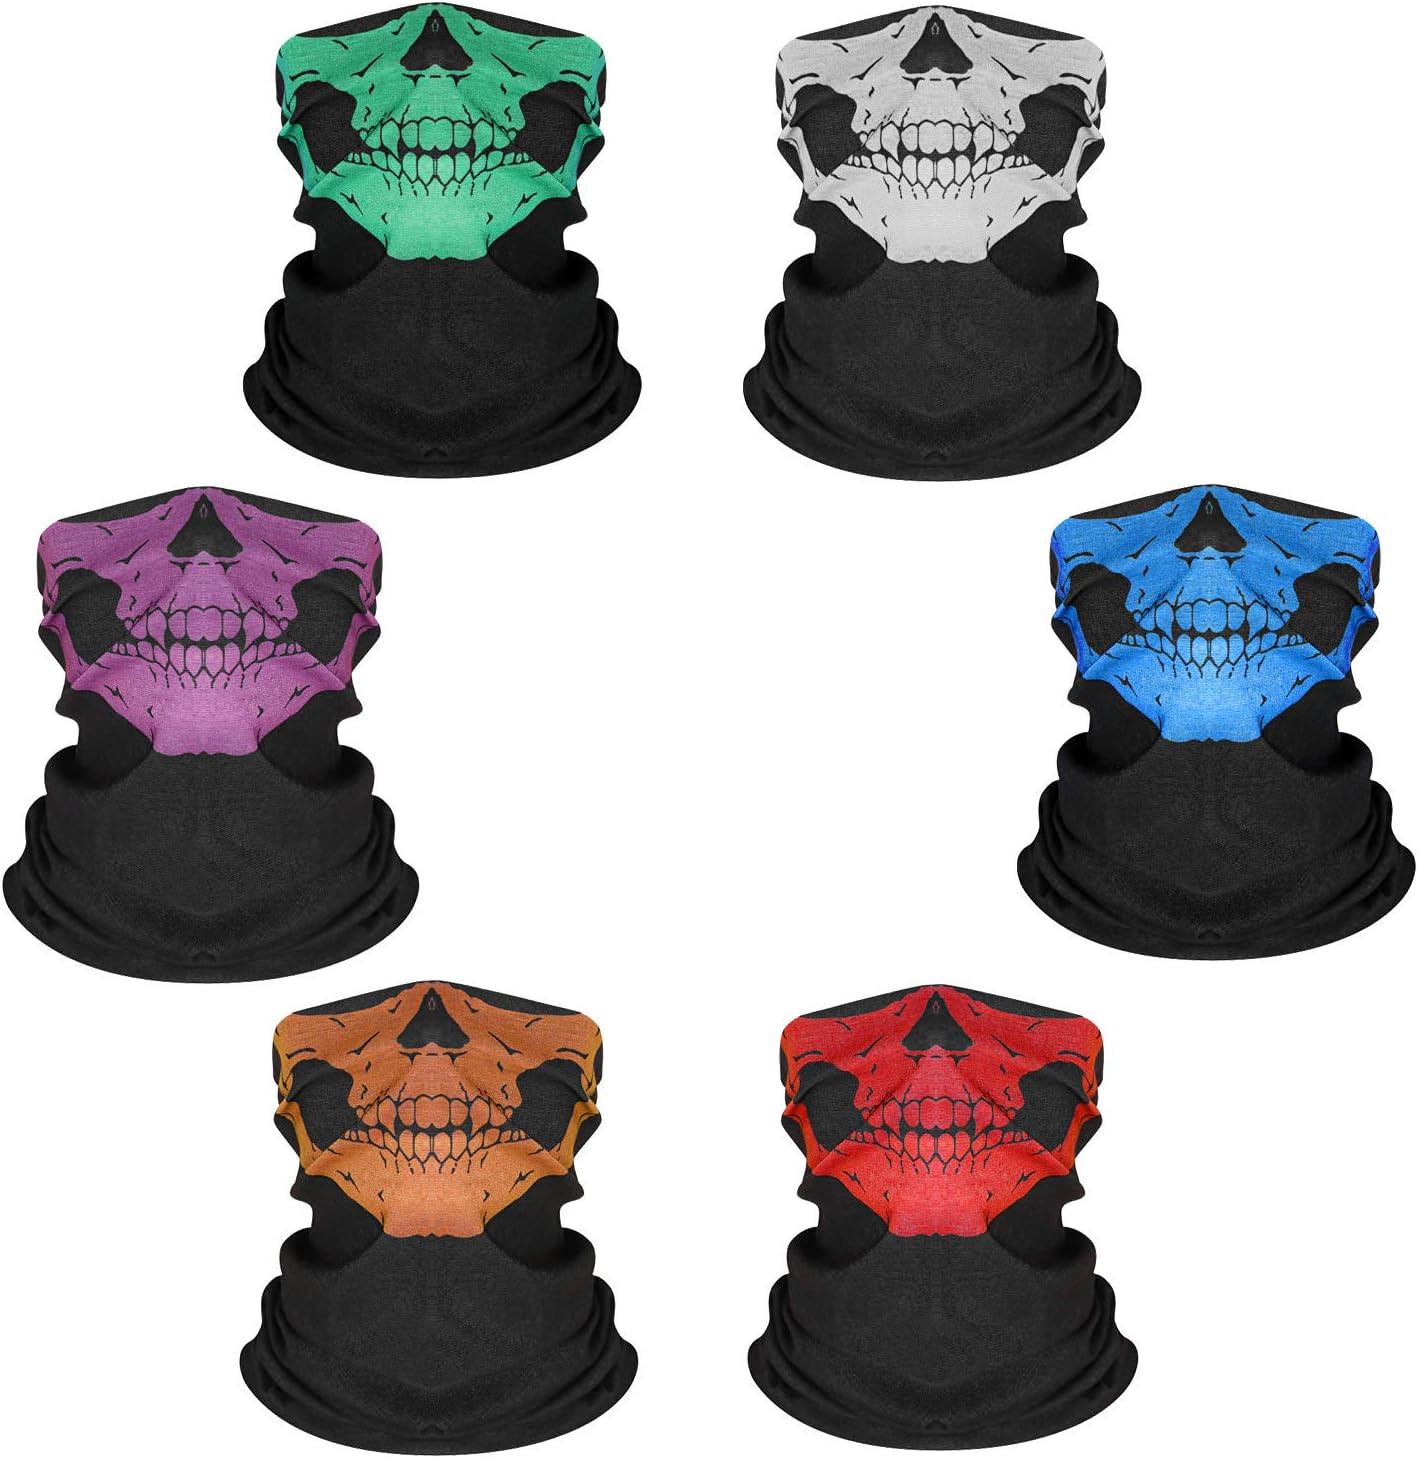 Comius Sharp 6 Stück Motorrad Totenkopf Masken Multifunktionstuch Sturmmaske Schädel Maske Halloween Gesichtsmaske Bandana Schlauch Maske Skull Halstuch Kopftuch Für Damen Herren Spielzeug